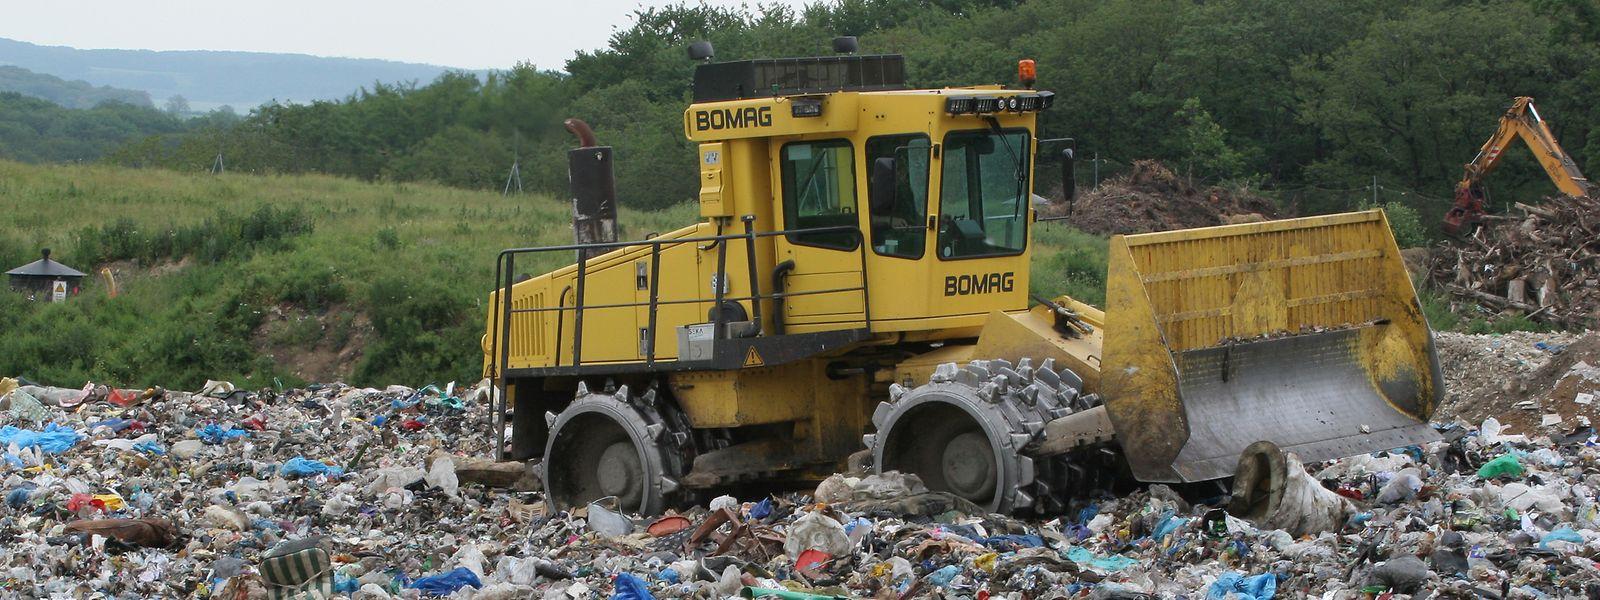 Bis 2030 soll in Luxemburg kein Müll mehr auf Deponien verbracht werden.